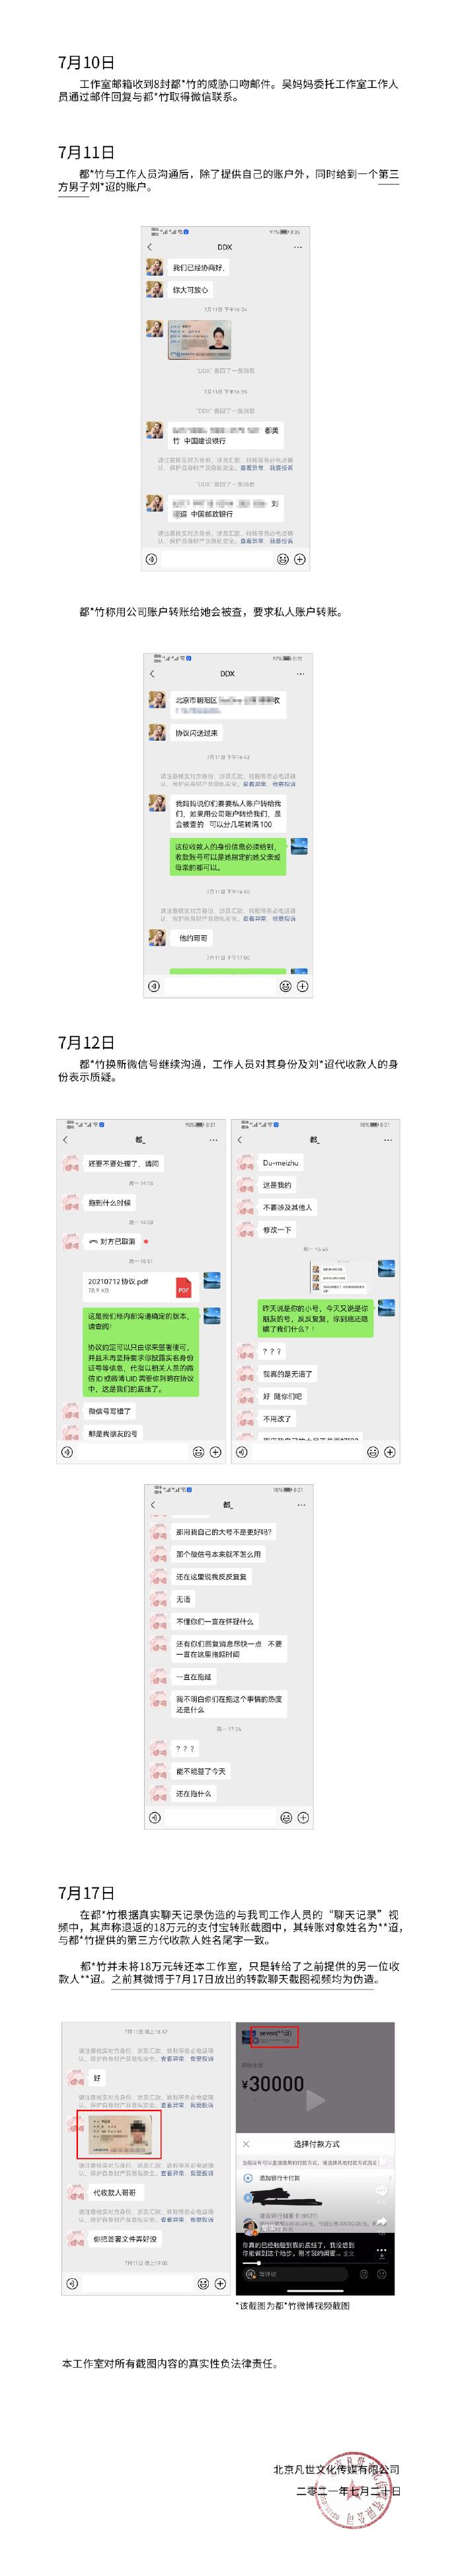 吴亦凡工作室再回应:18万都美竹转给了第三方,转账截图均为伪造